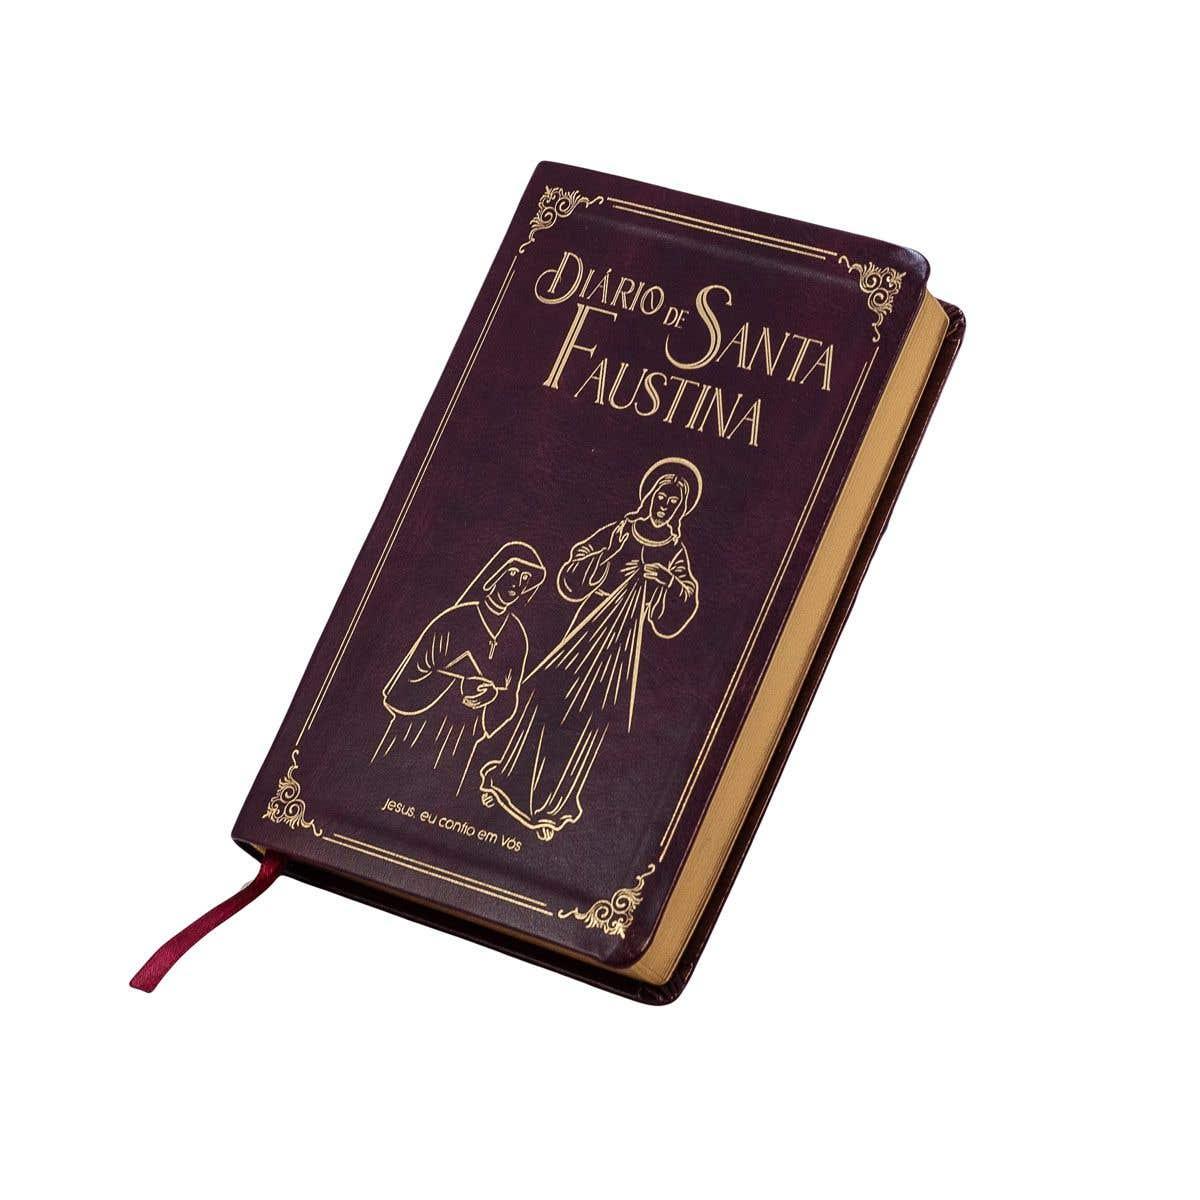 Livro Diário de Santa Faustina - Versão de Bolso